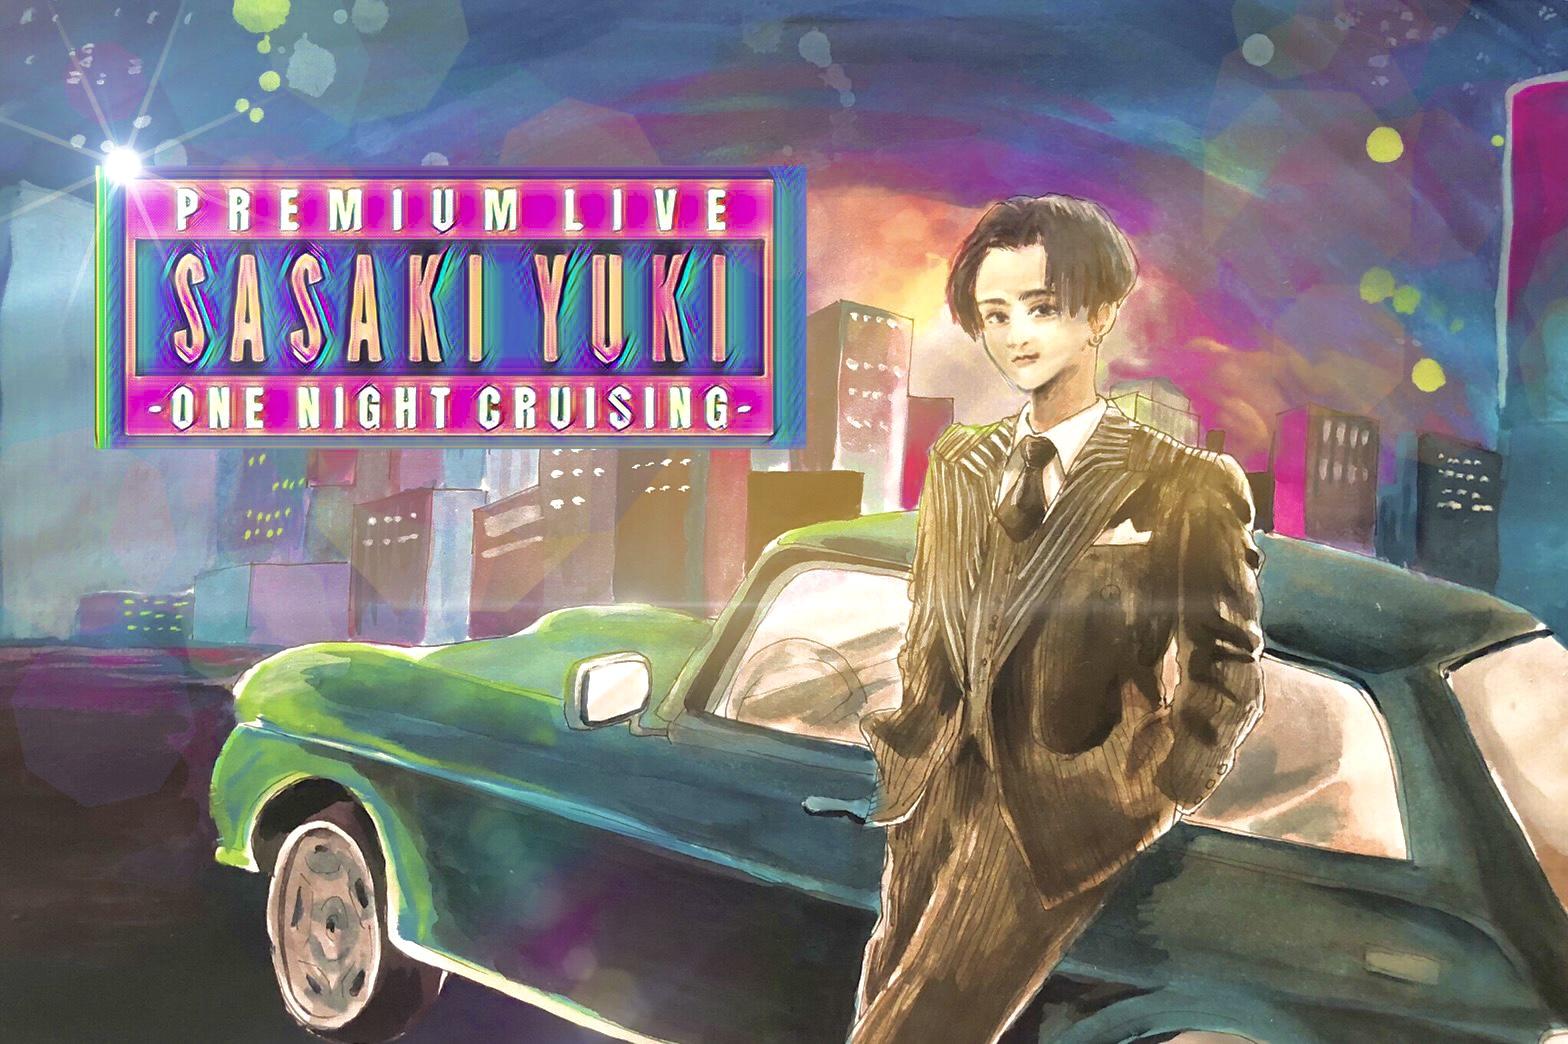 「SASAKI YUKI PREMIUM LIVE - One Night Cruising - 」